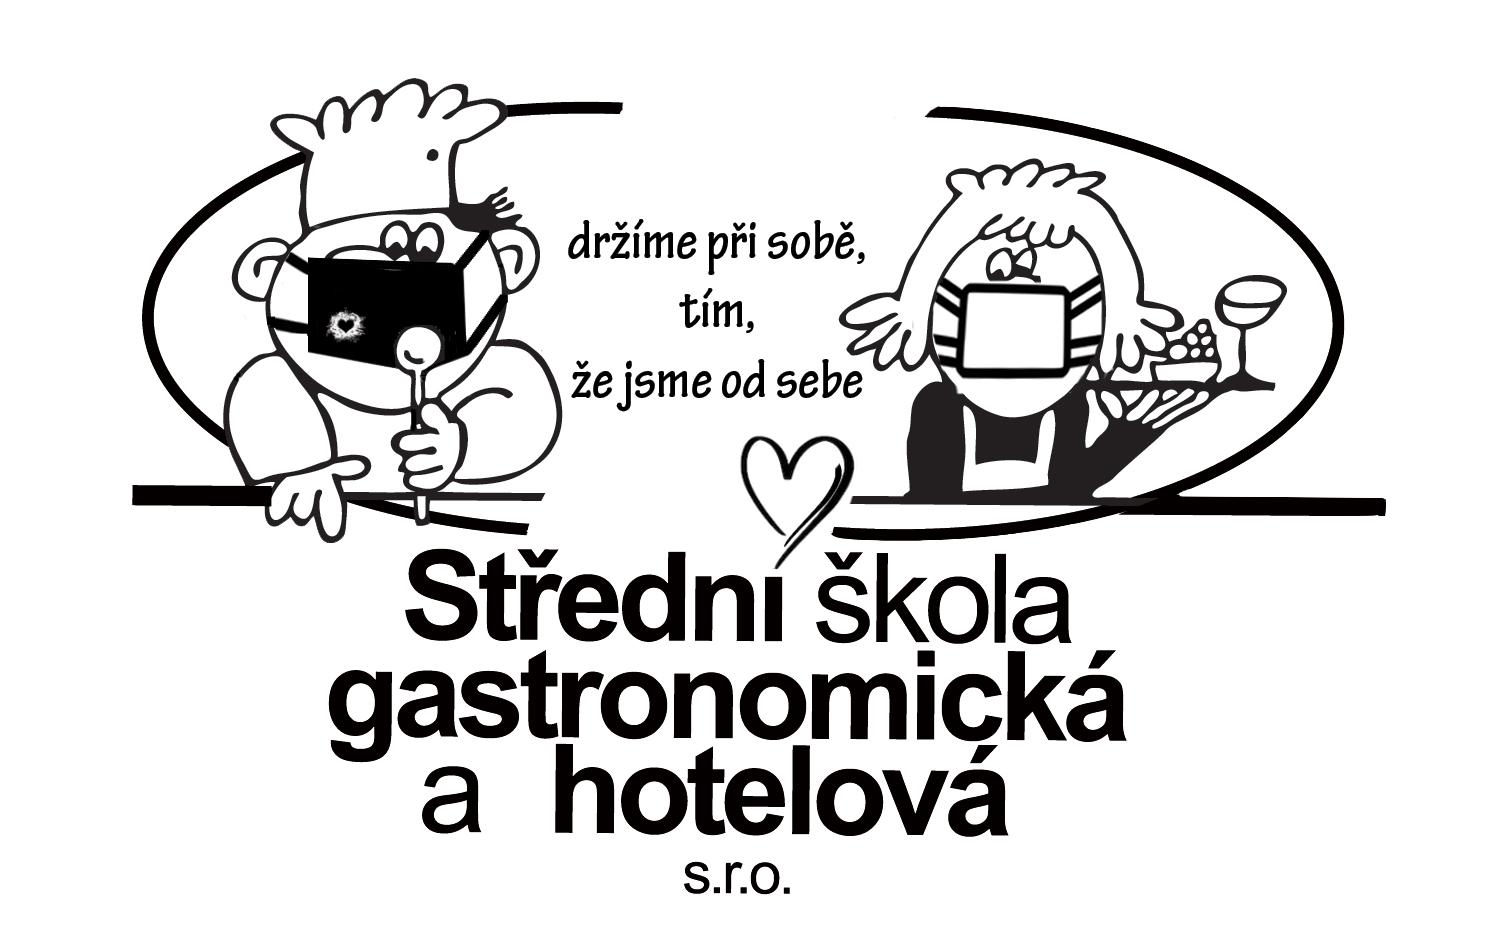 Střední škola gastronomická a hotelová s.r.o. logo